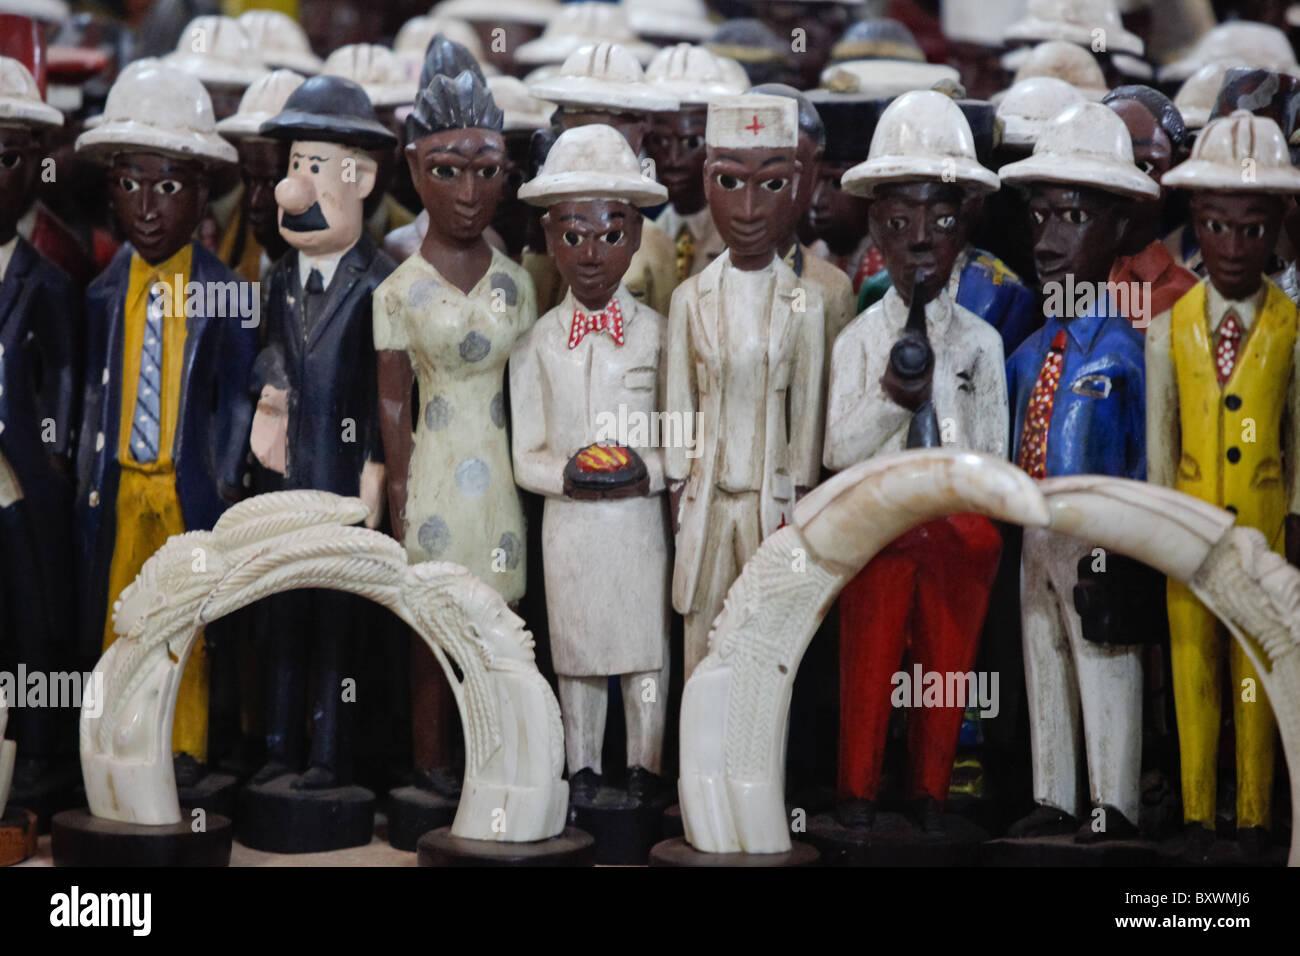 Wood and metal sculptures at the 12th biannual Salon International de l'Artisanat de Ouagadougou (SIAO) in Burkina Faso. Stock Photo